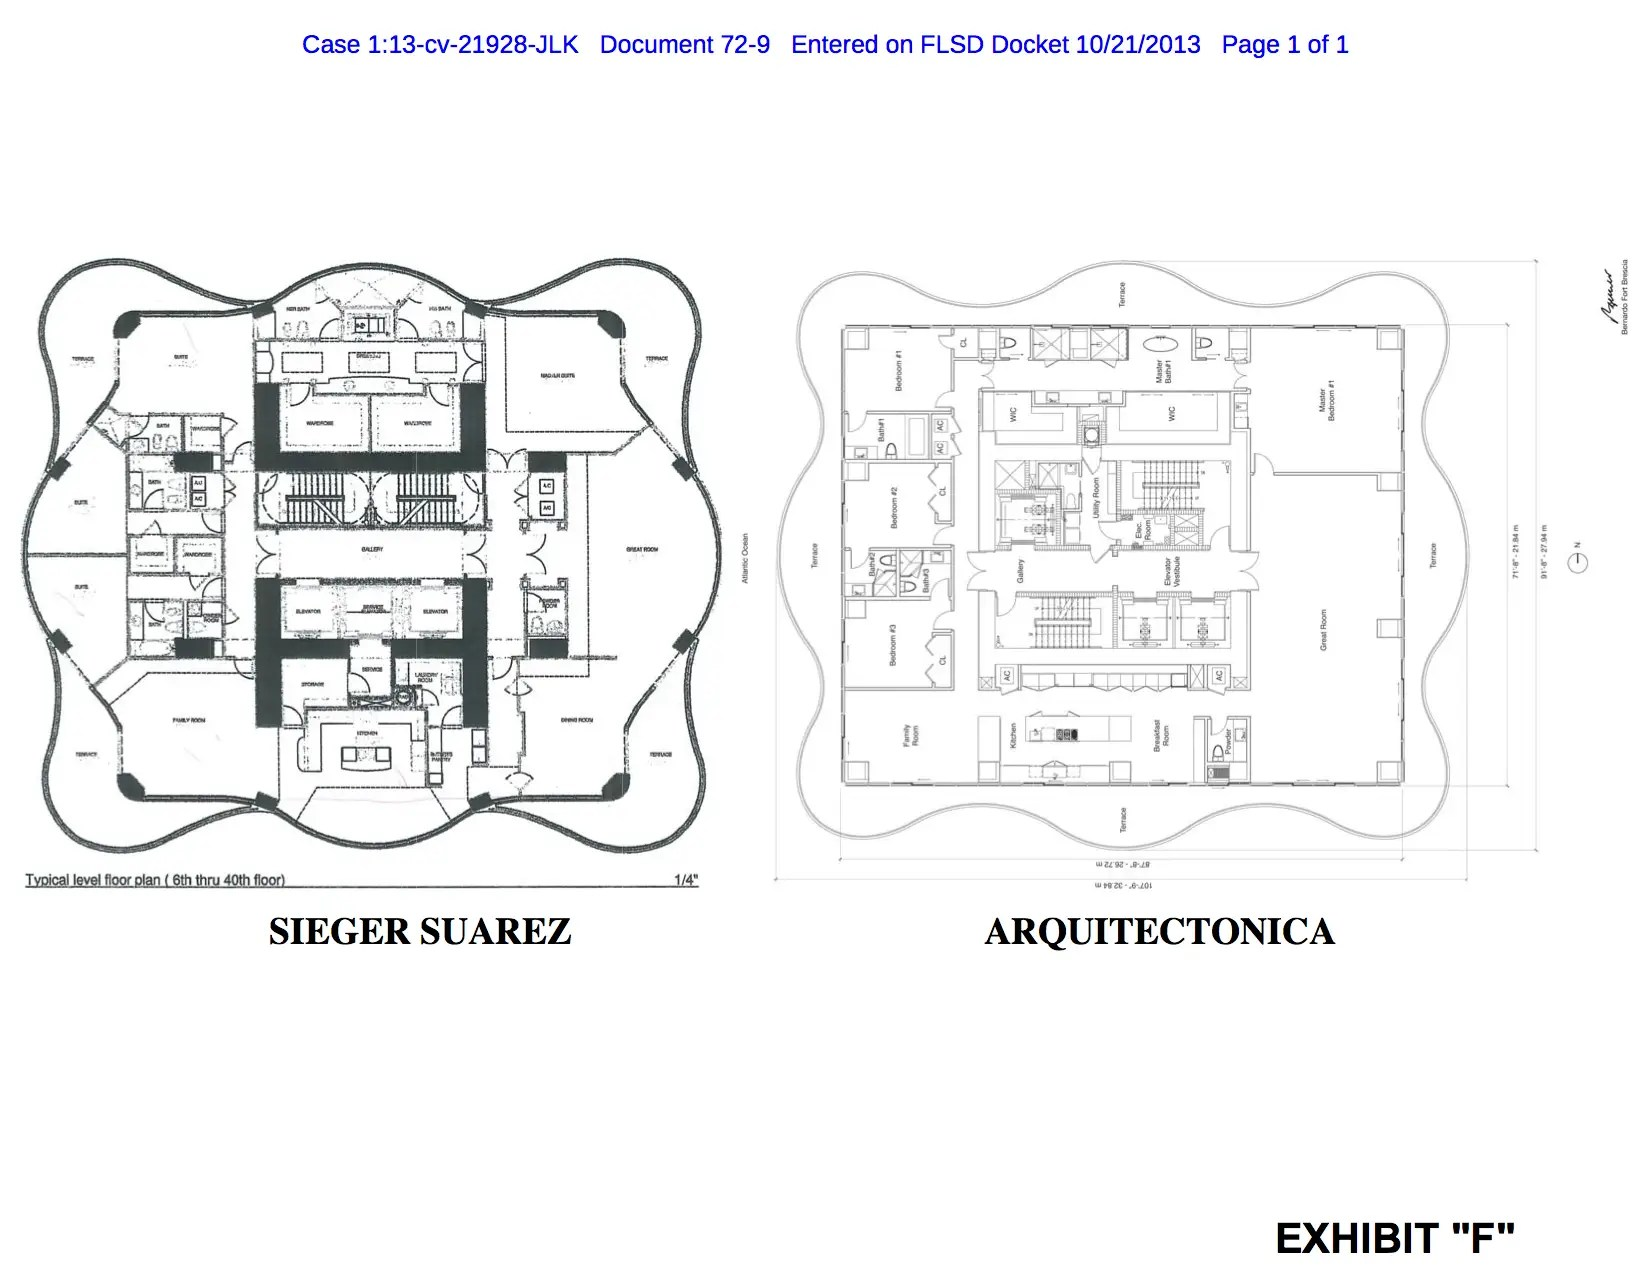 Architectural Plagiarism